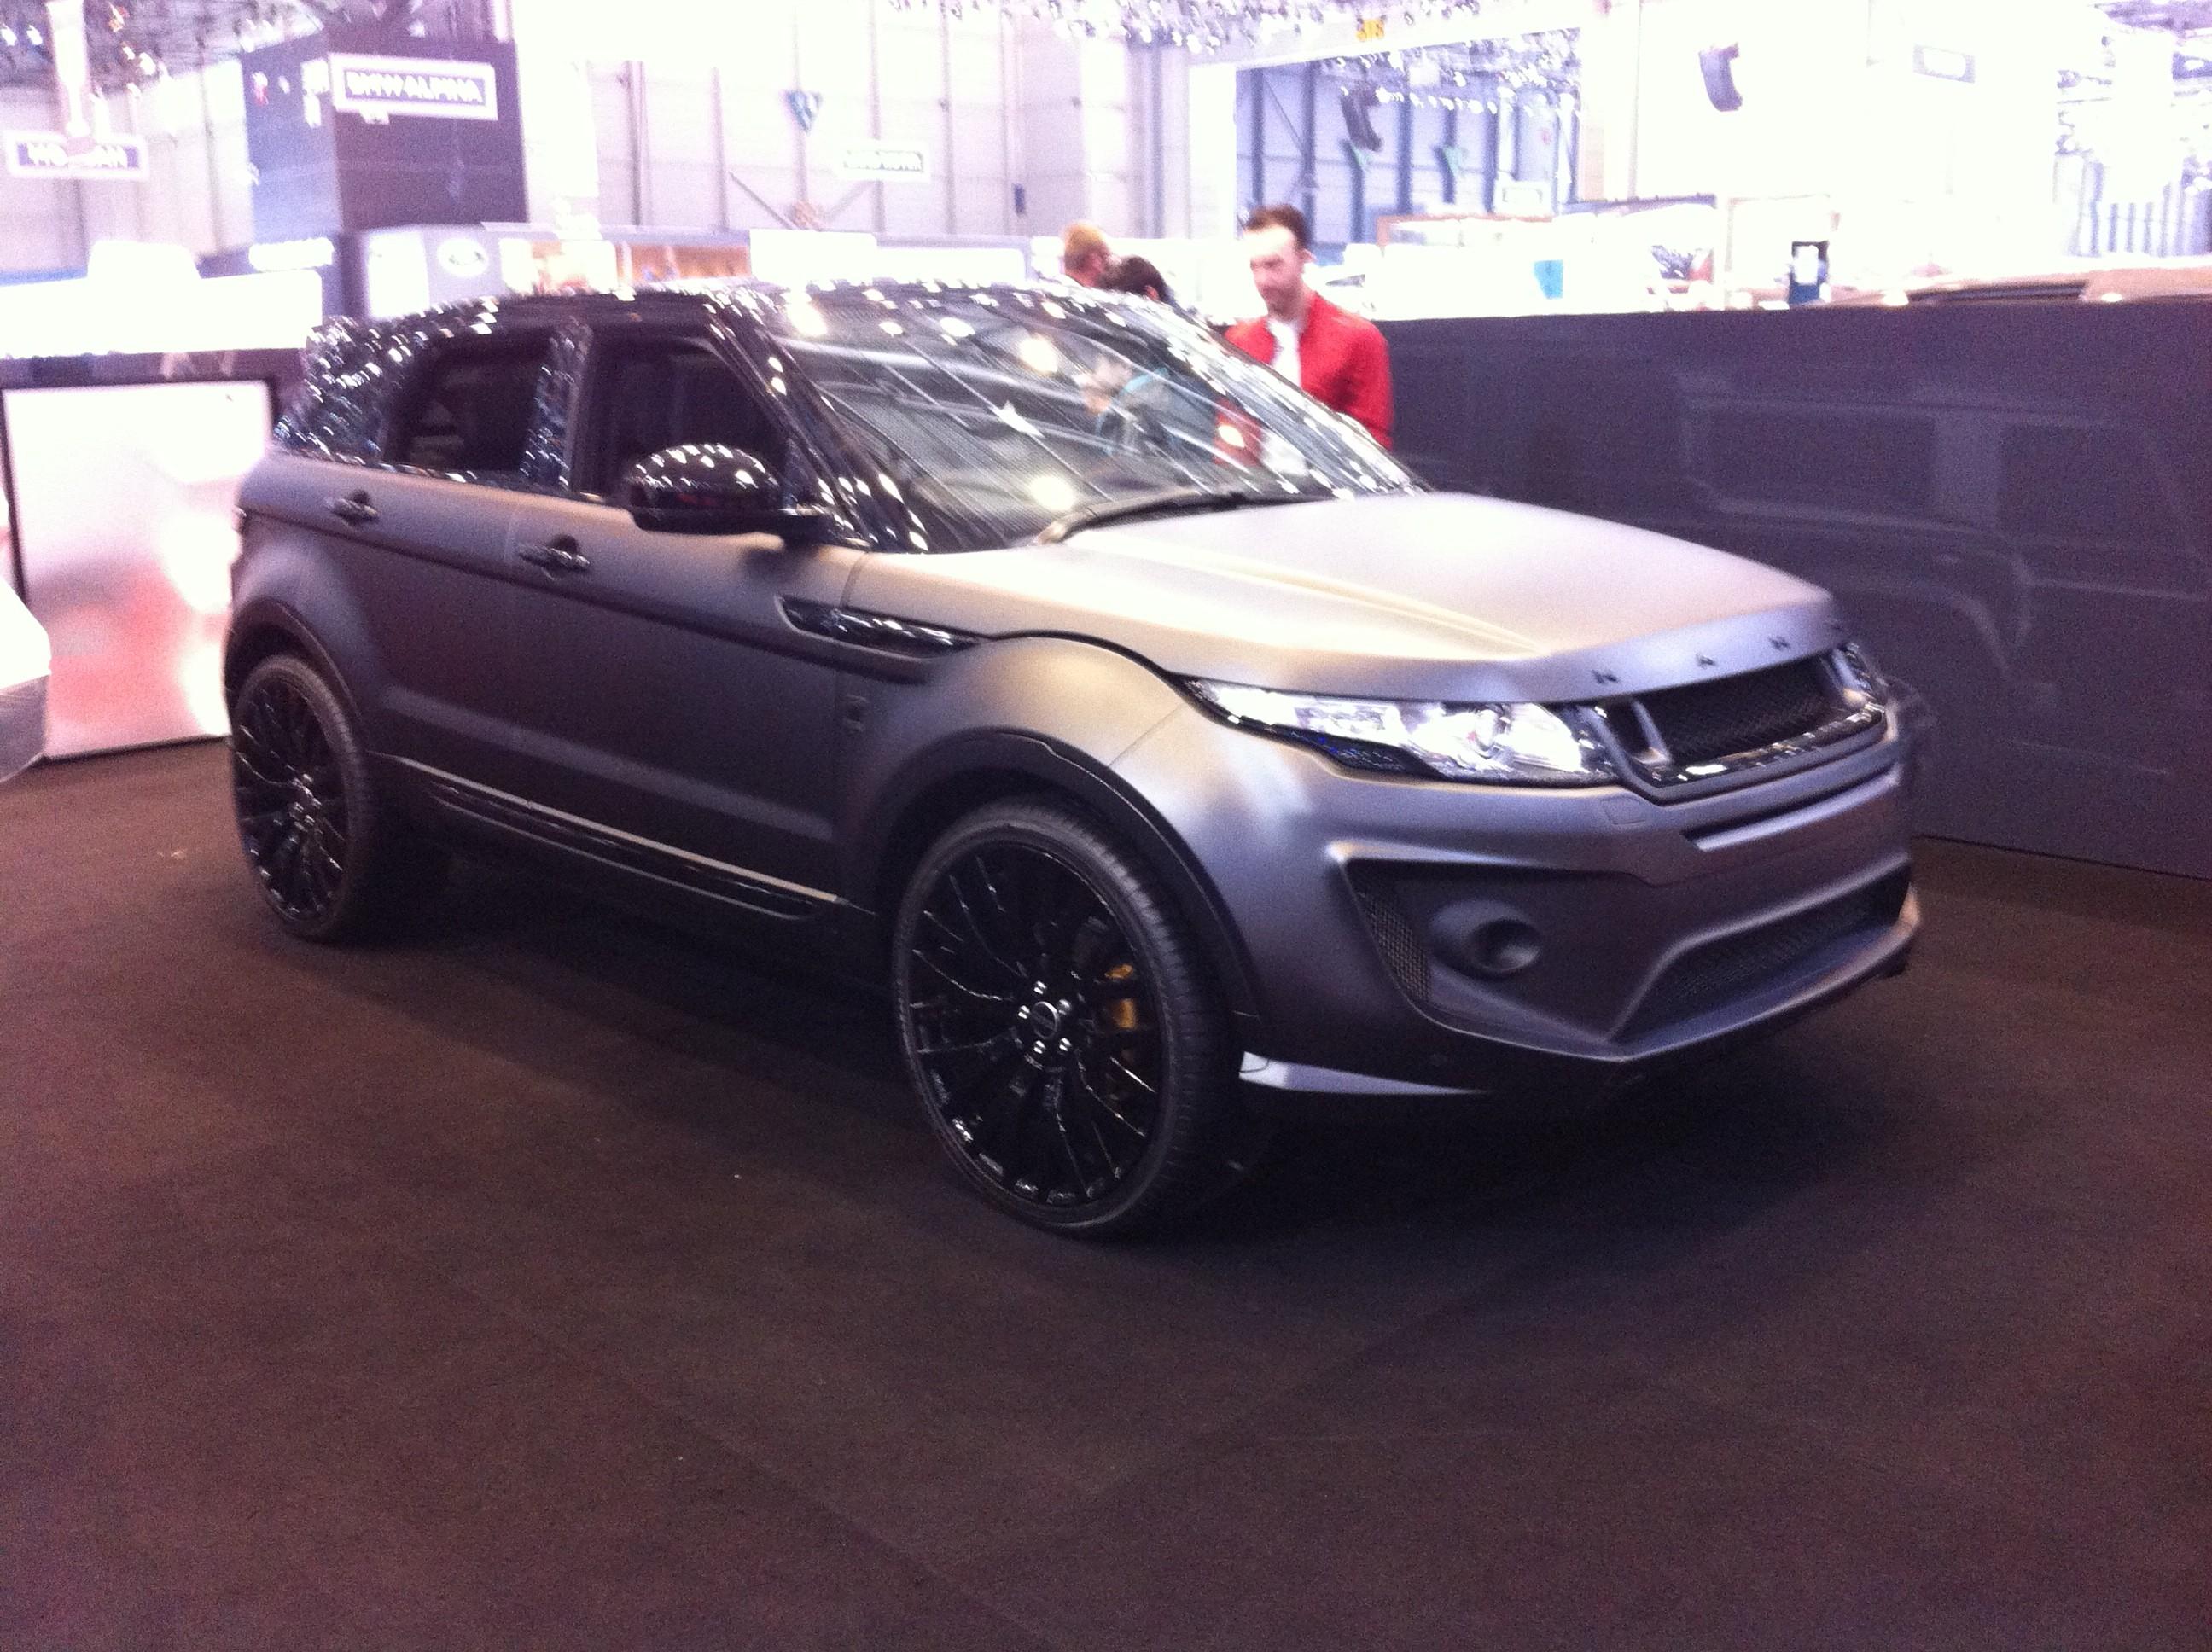 Le Range Rover Evoque kahn